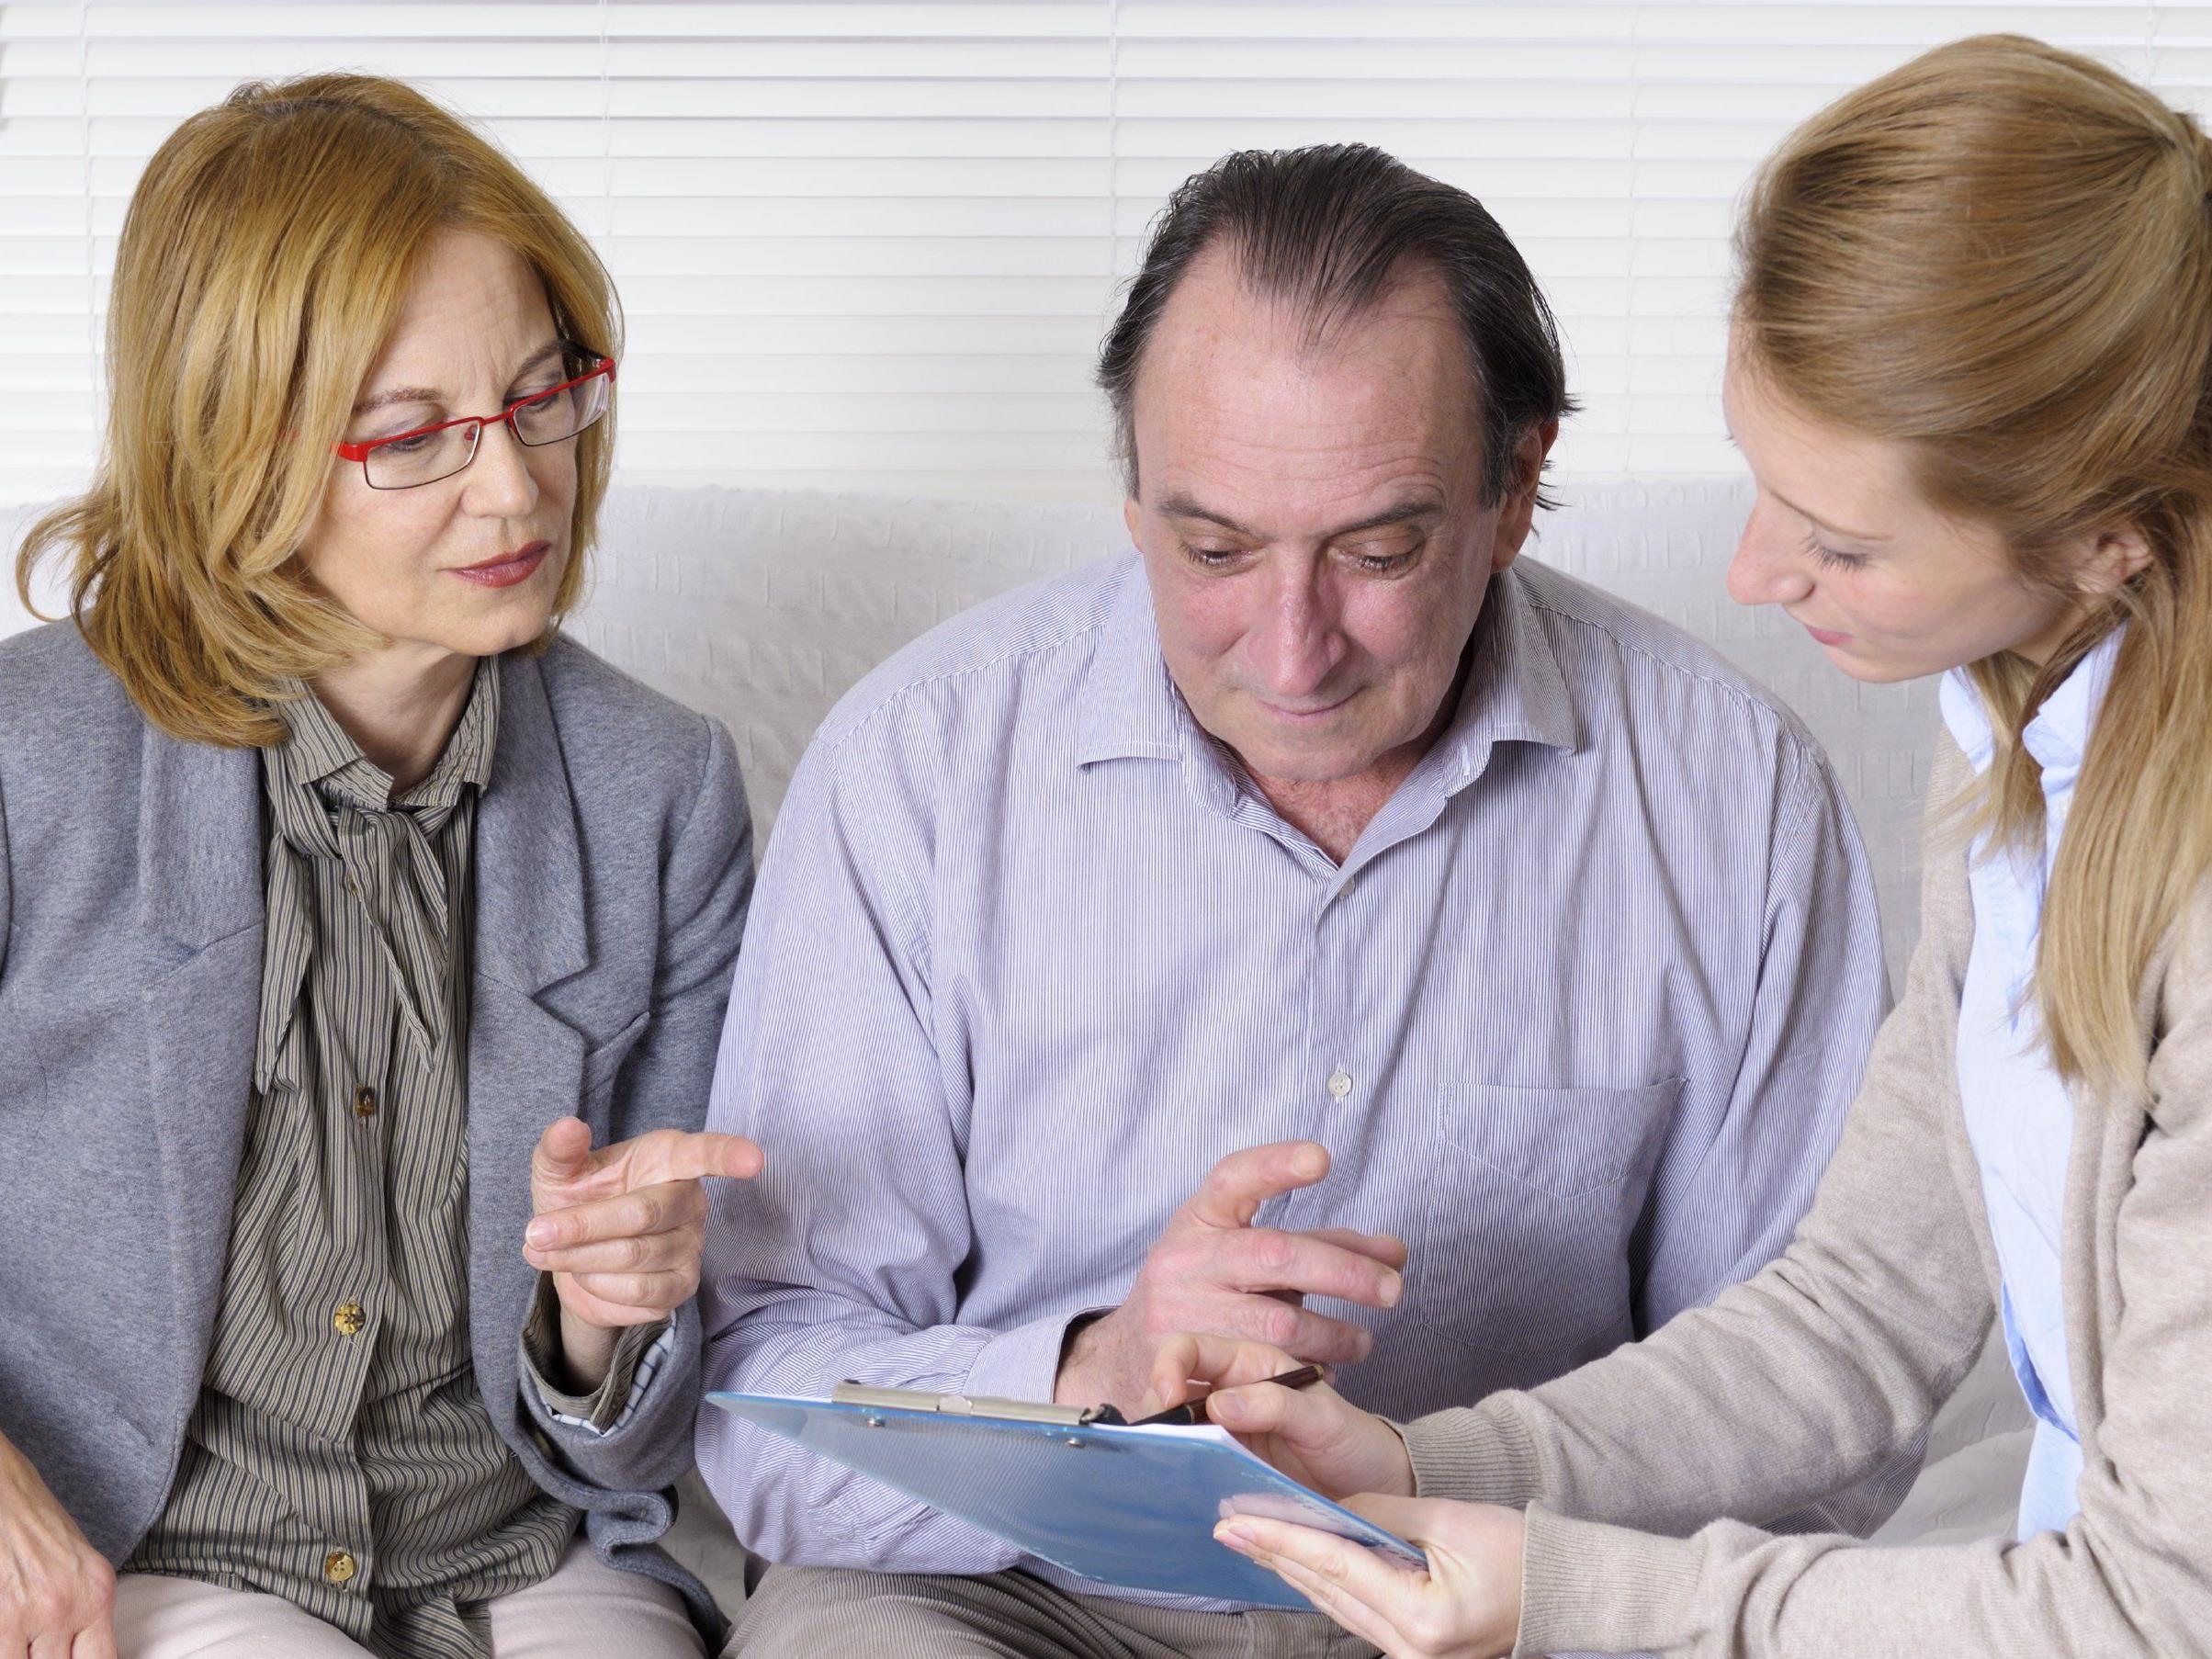 Die Sozialarbeitenden klären die Rahmenbedingungen wie zum Beispiel die Finanzen oder Entlastungsangebote für Angehörige ab.